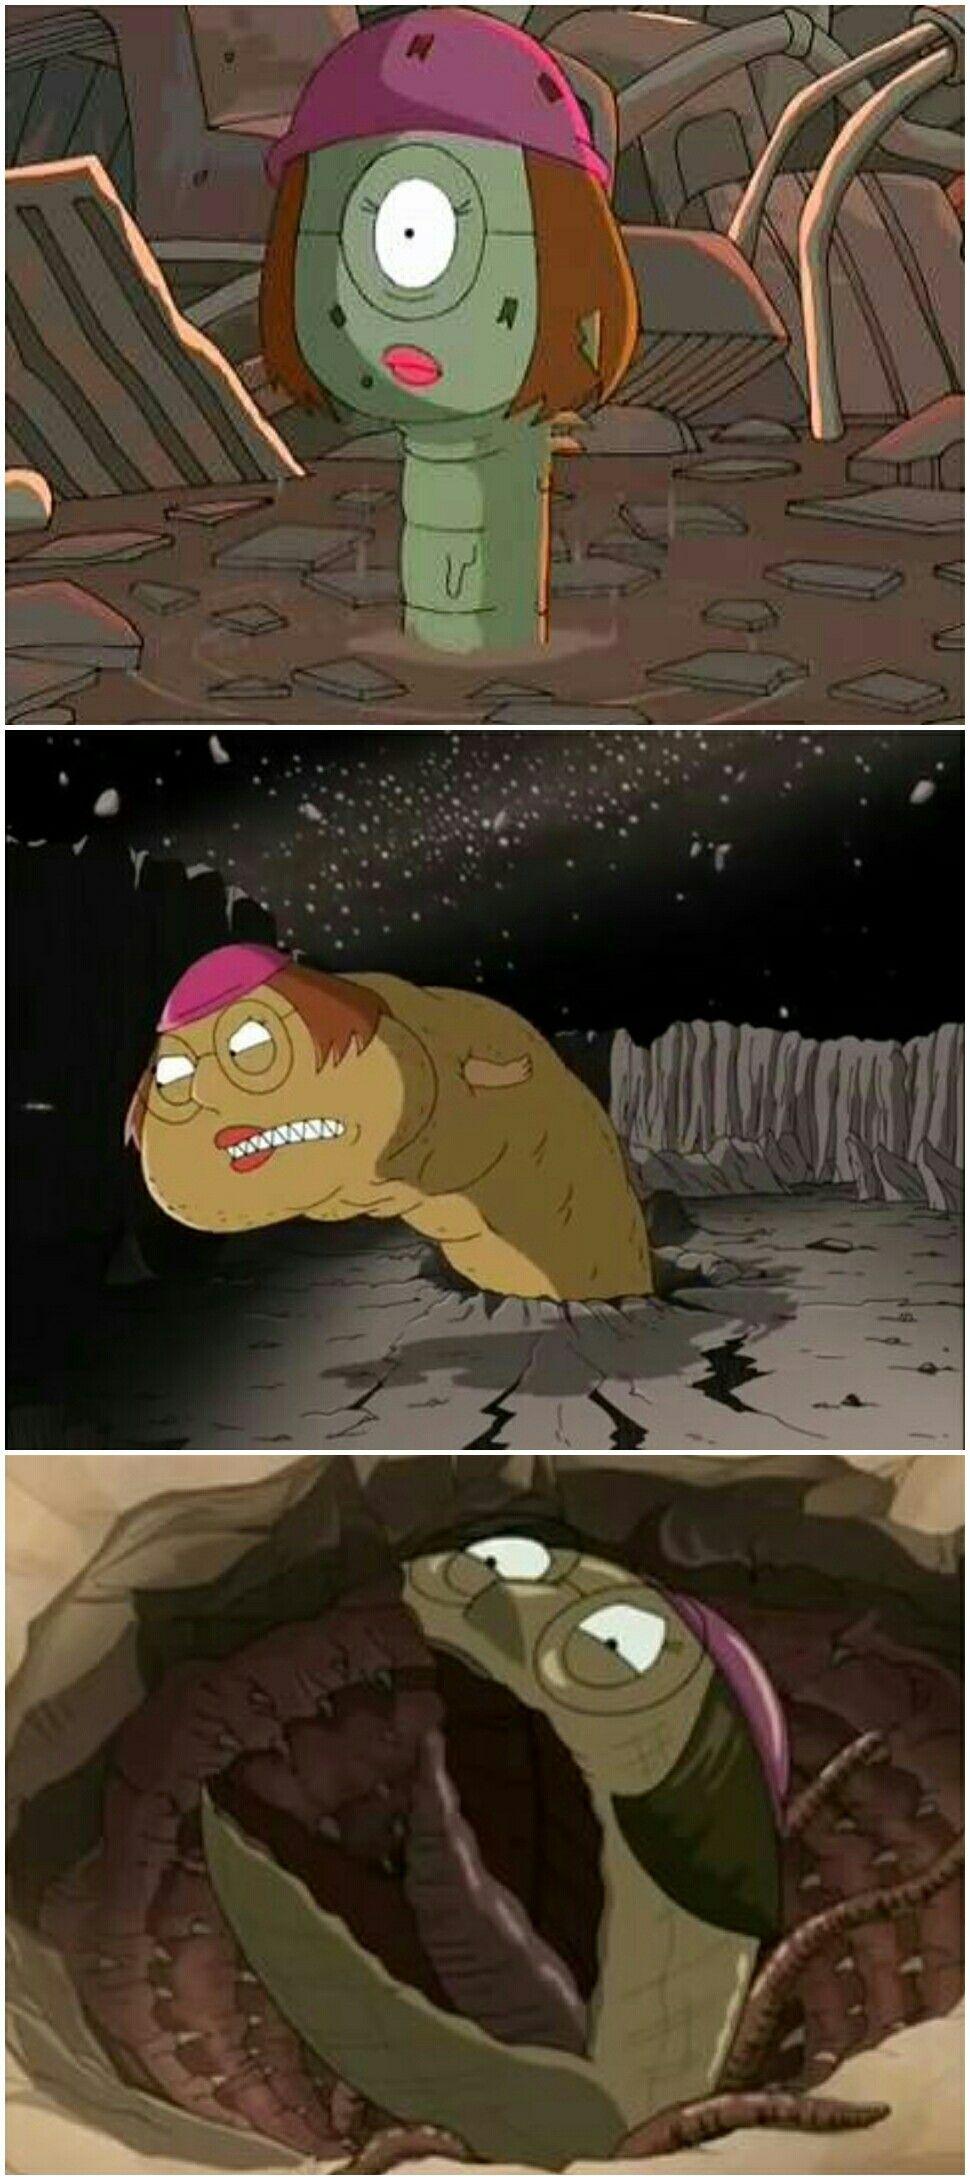 Family Guy Star Wars Full Episodes : family, episodes, Family, Return, Episode, FamilyScopes